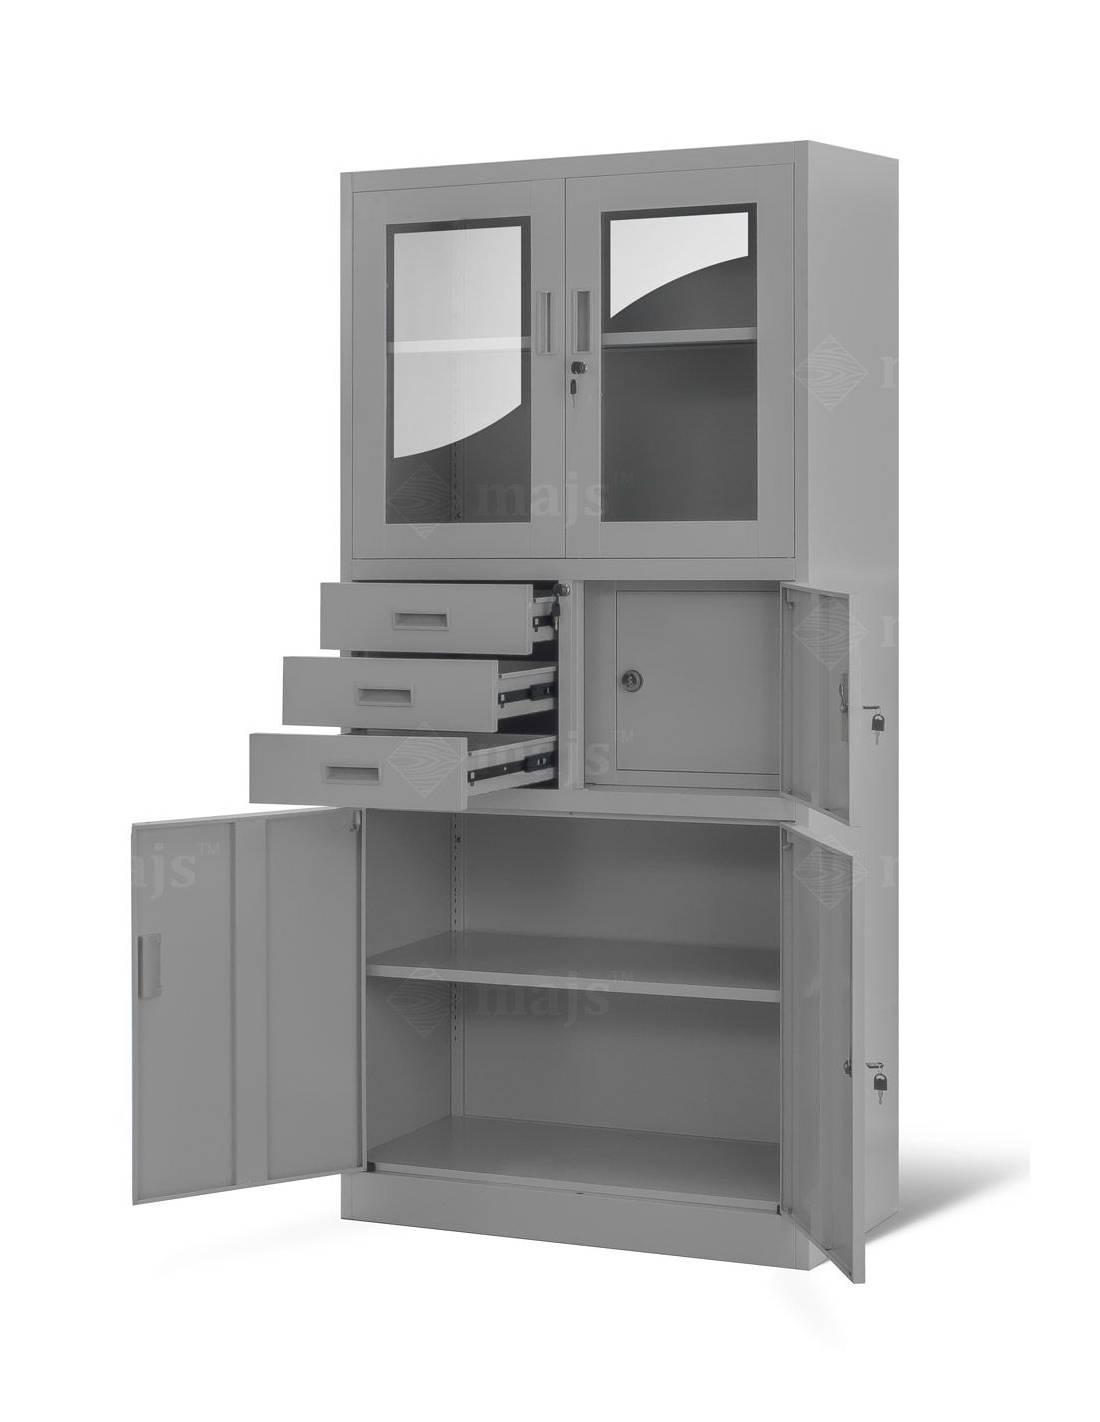 Metalowa witryna szafa aktowa gabinetowa do biura z sejfem na szyfr